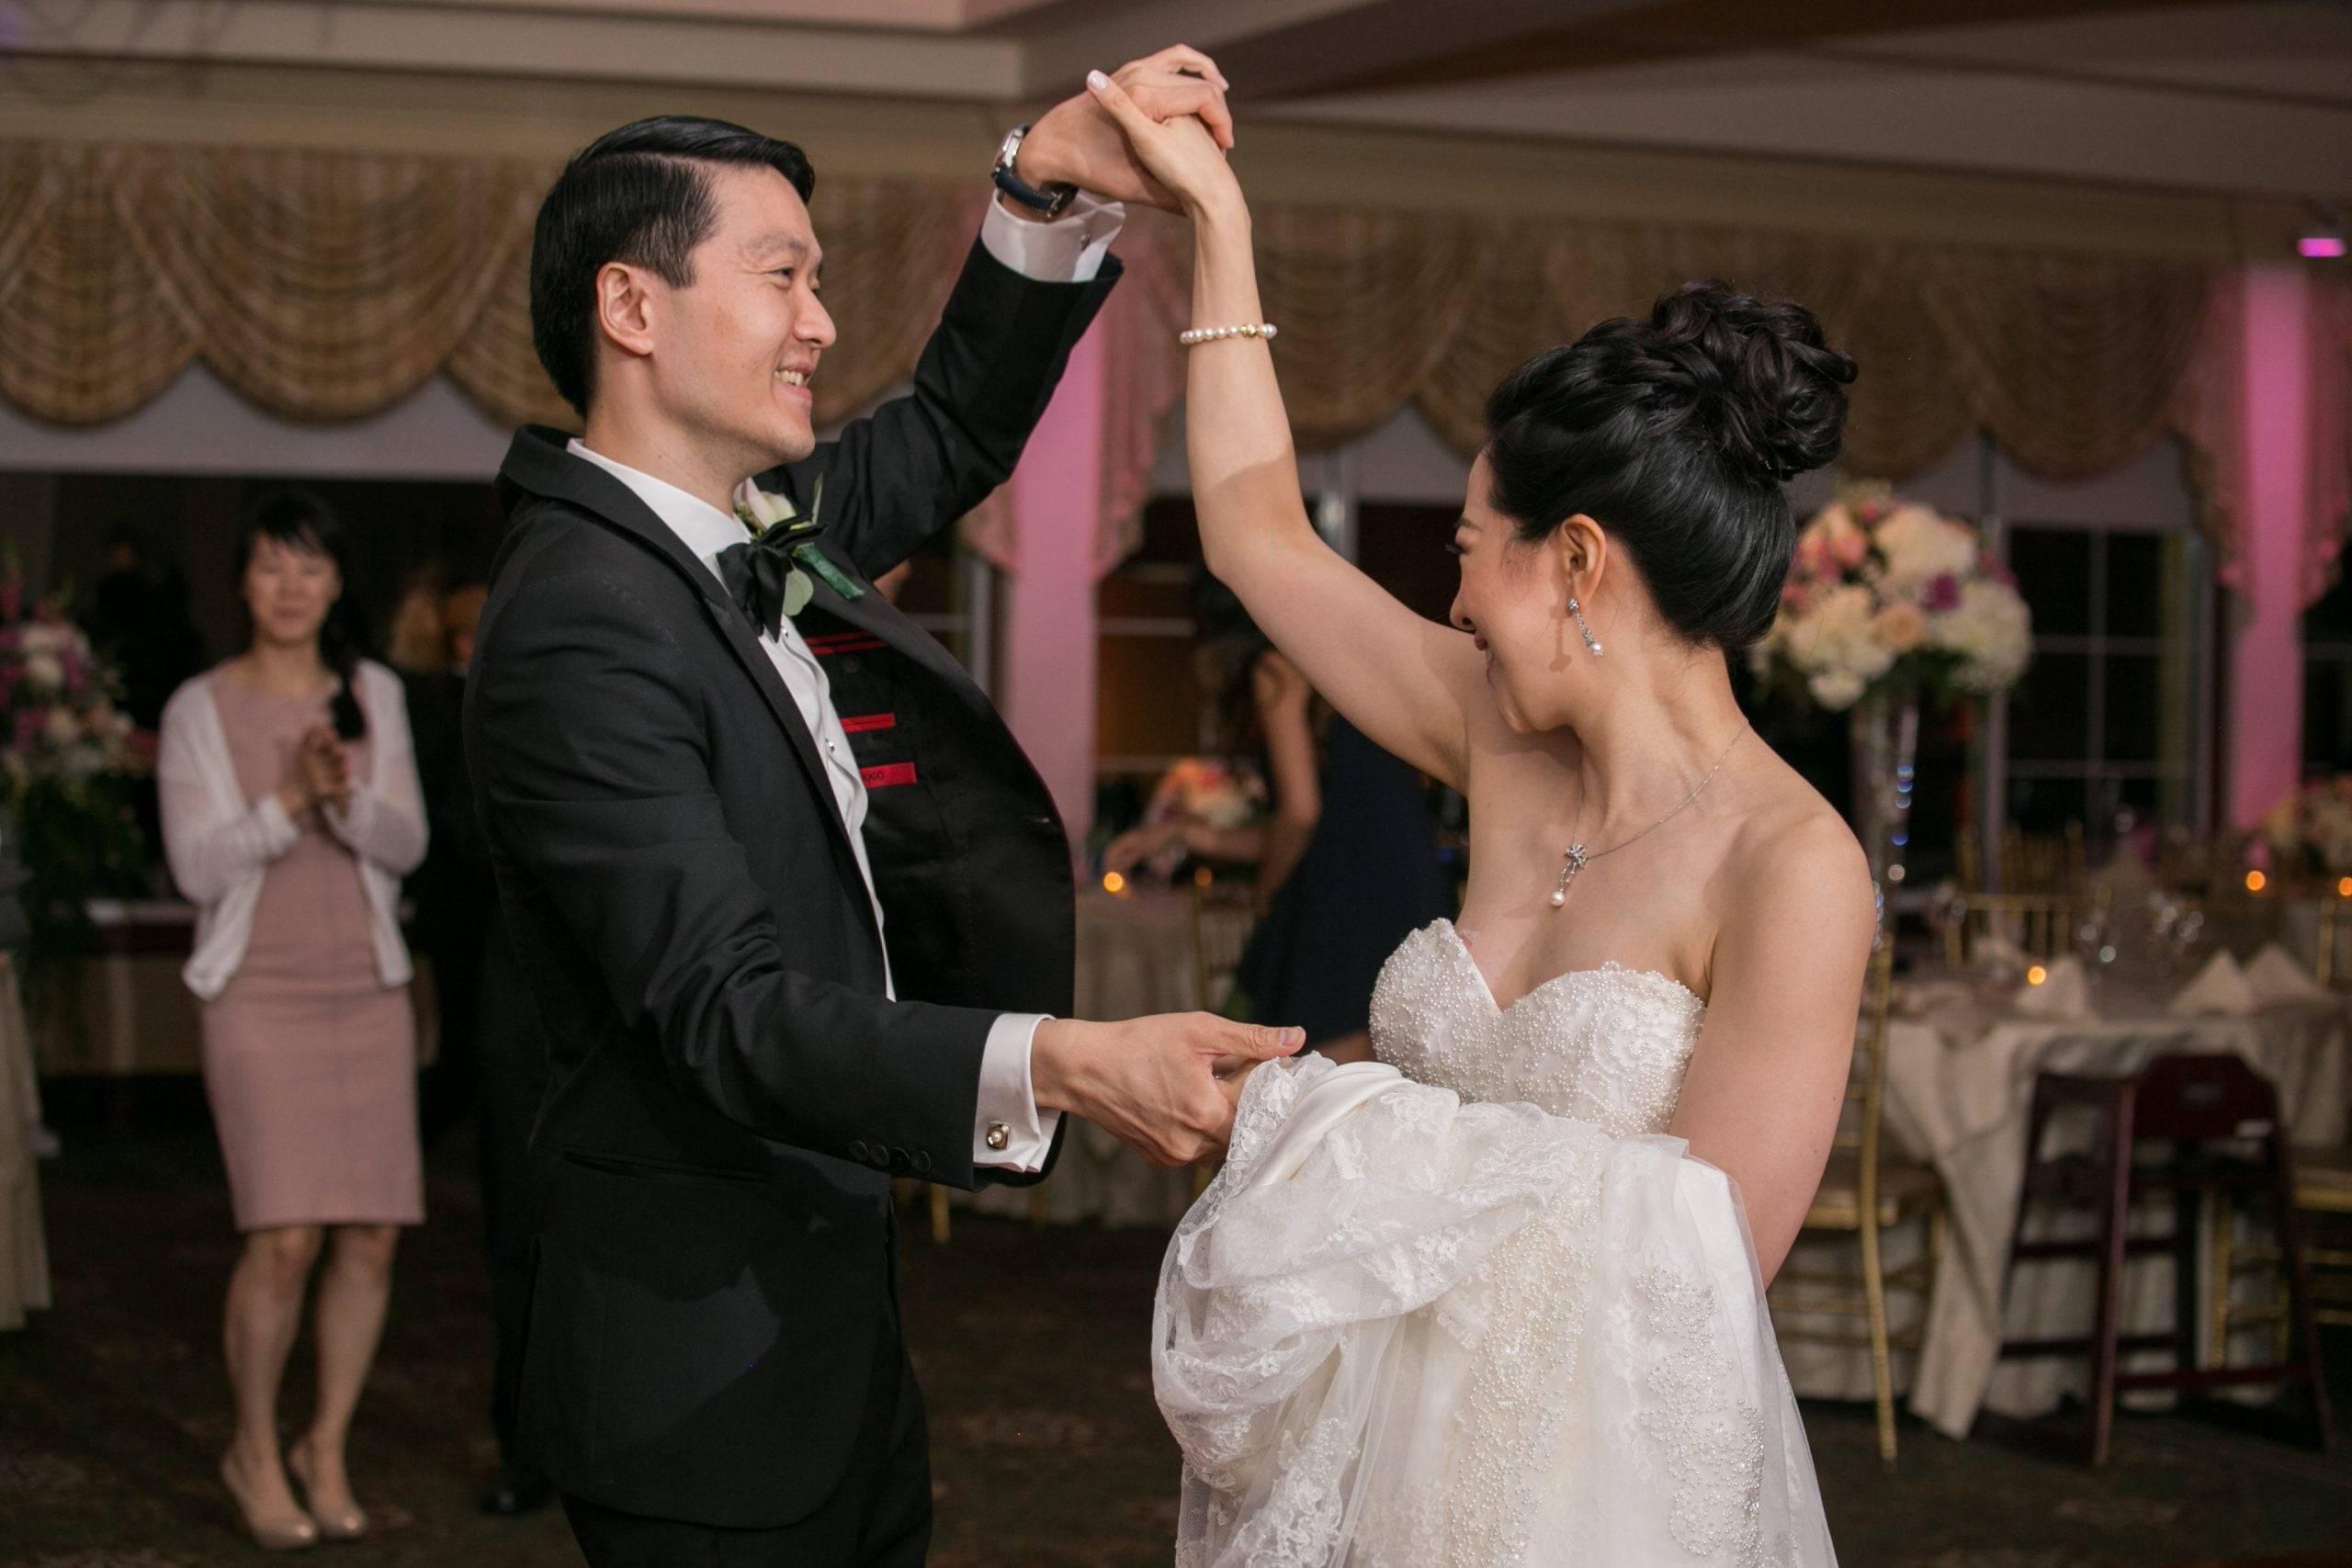 Brooklake wedding couple dancing